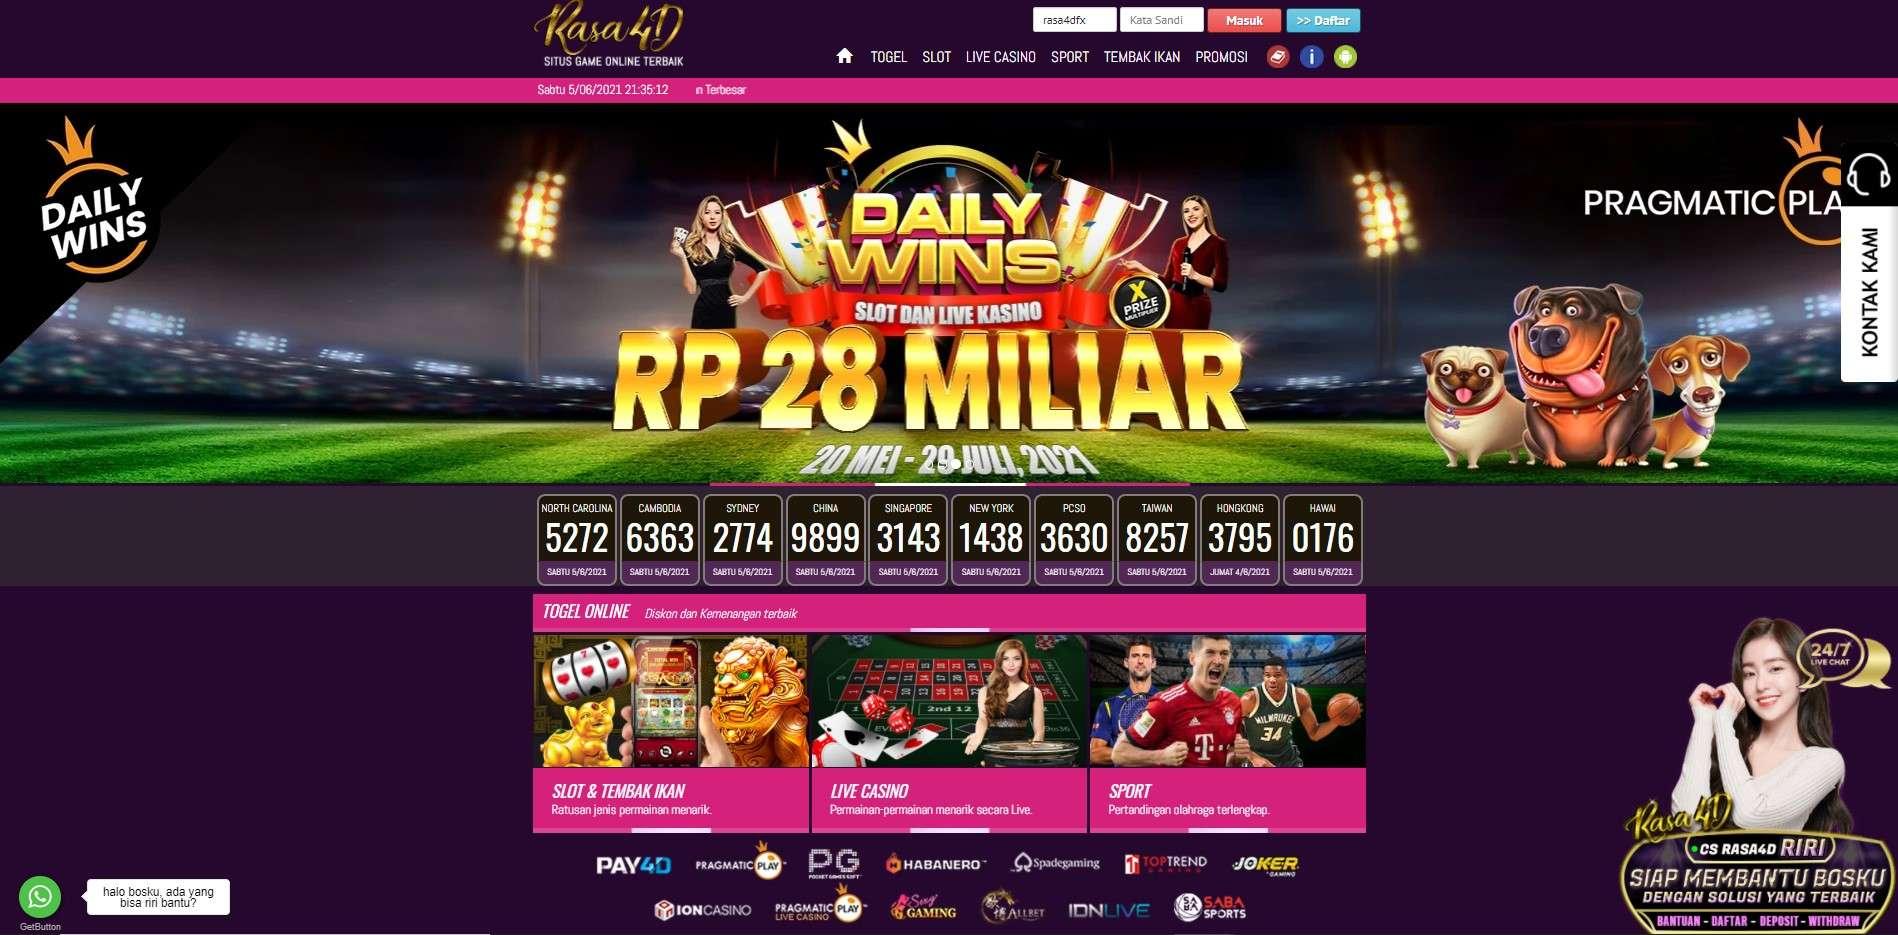 Judi Togel Online & Slot Online Deposit Pulsa Tanpa Potongan RASA4D